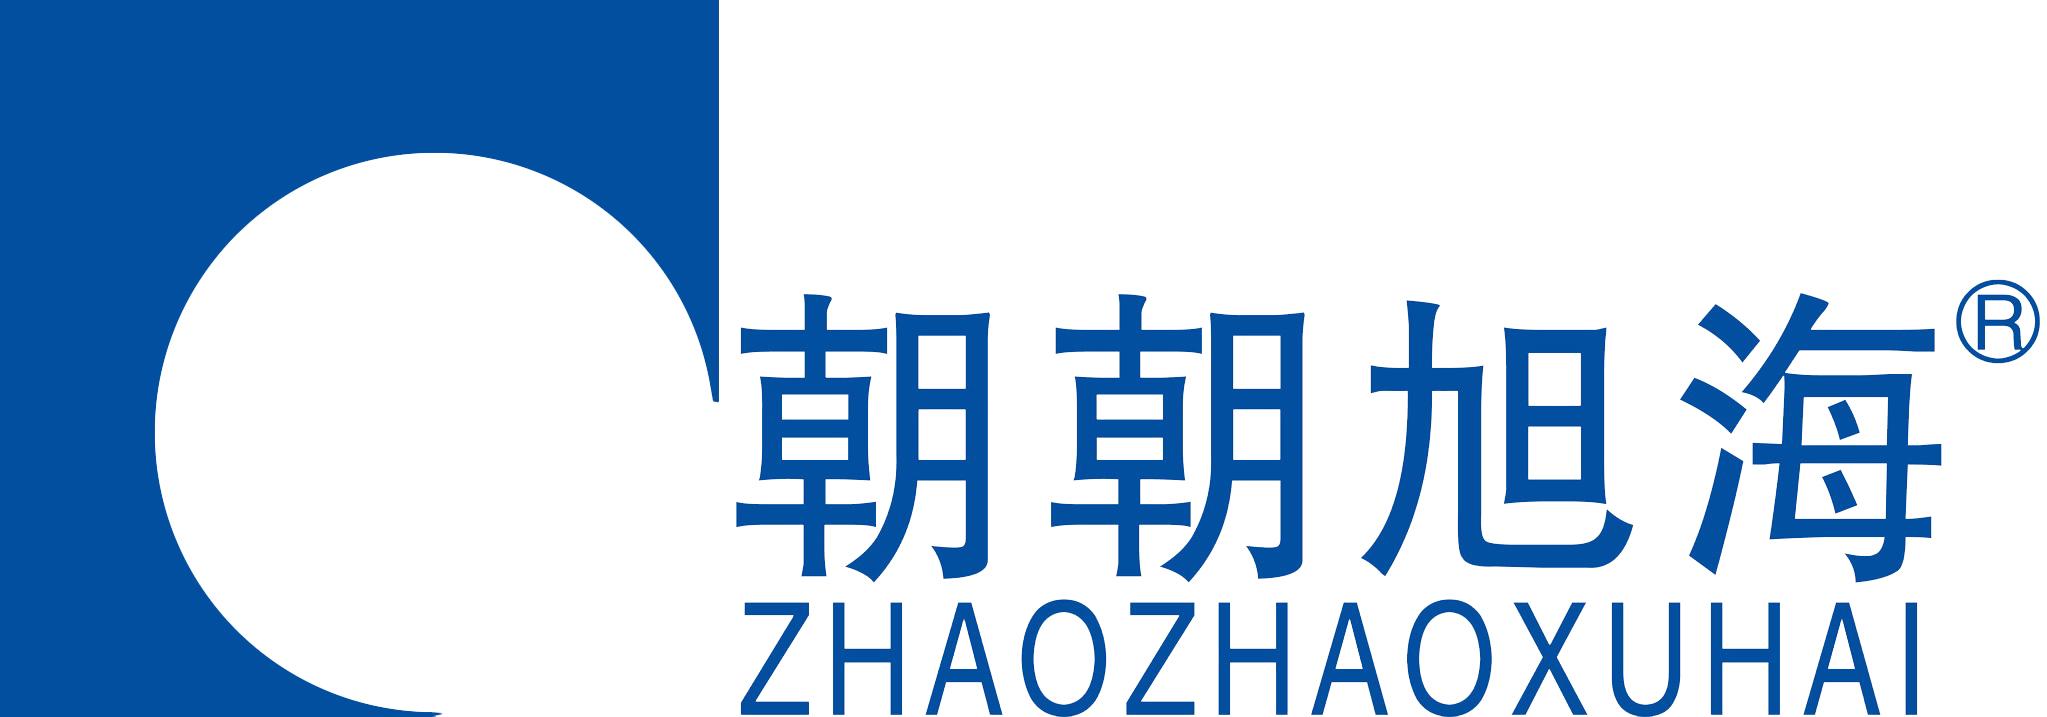 朝朝旭海(zhaozhaoxuhai)